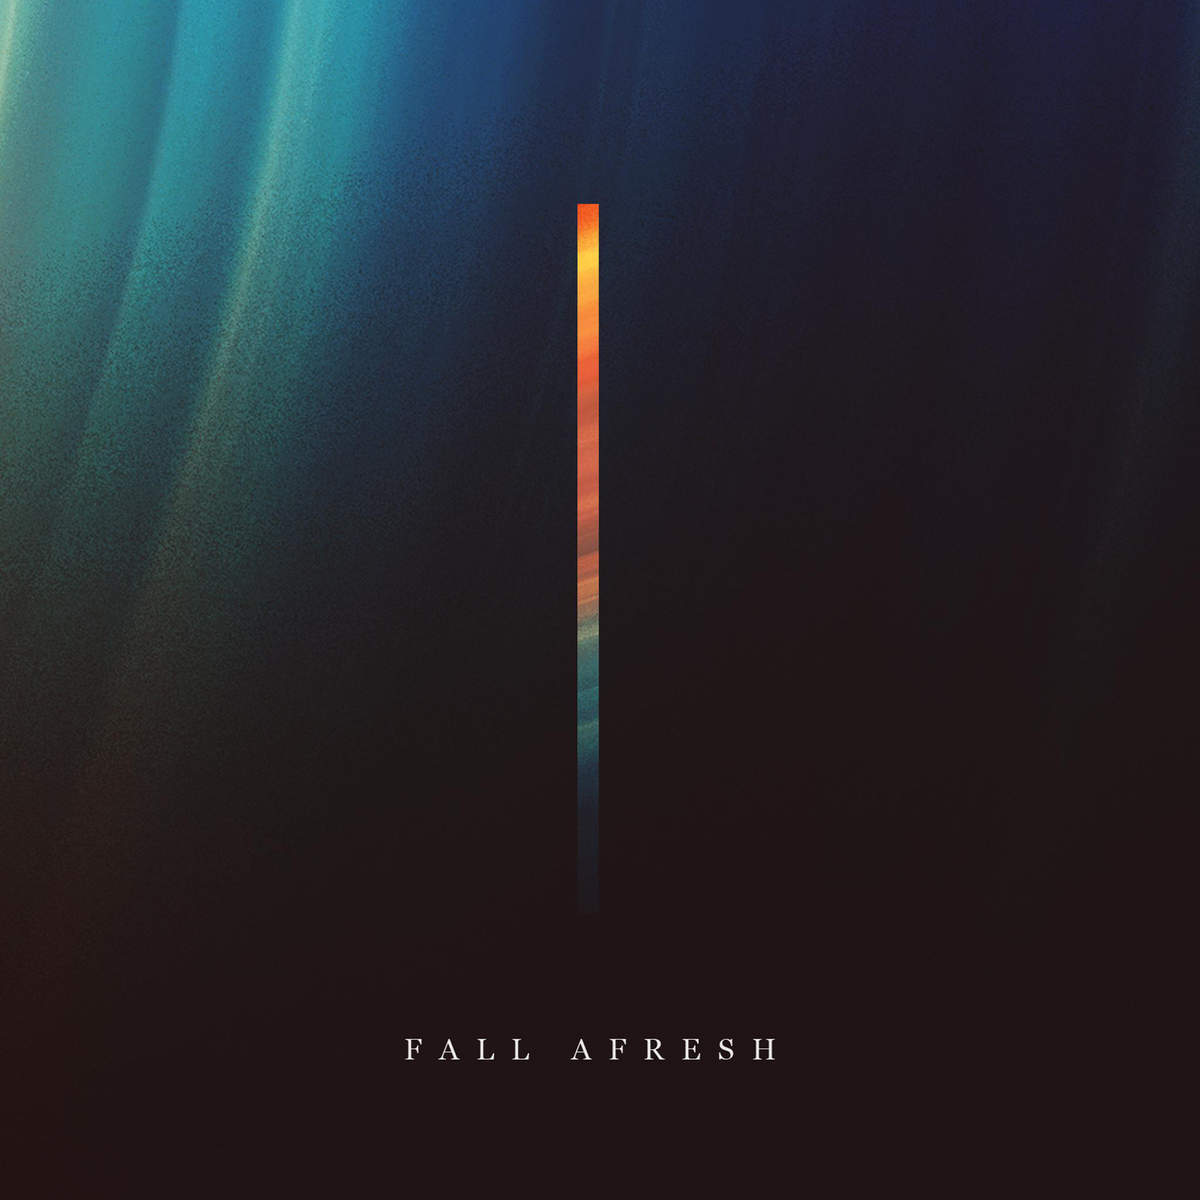 Fall Afresh